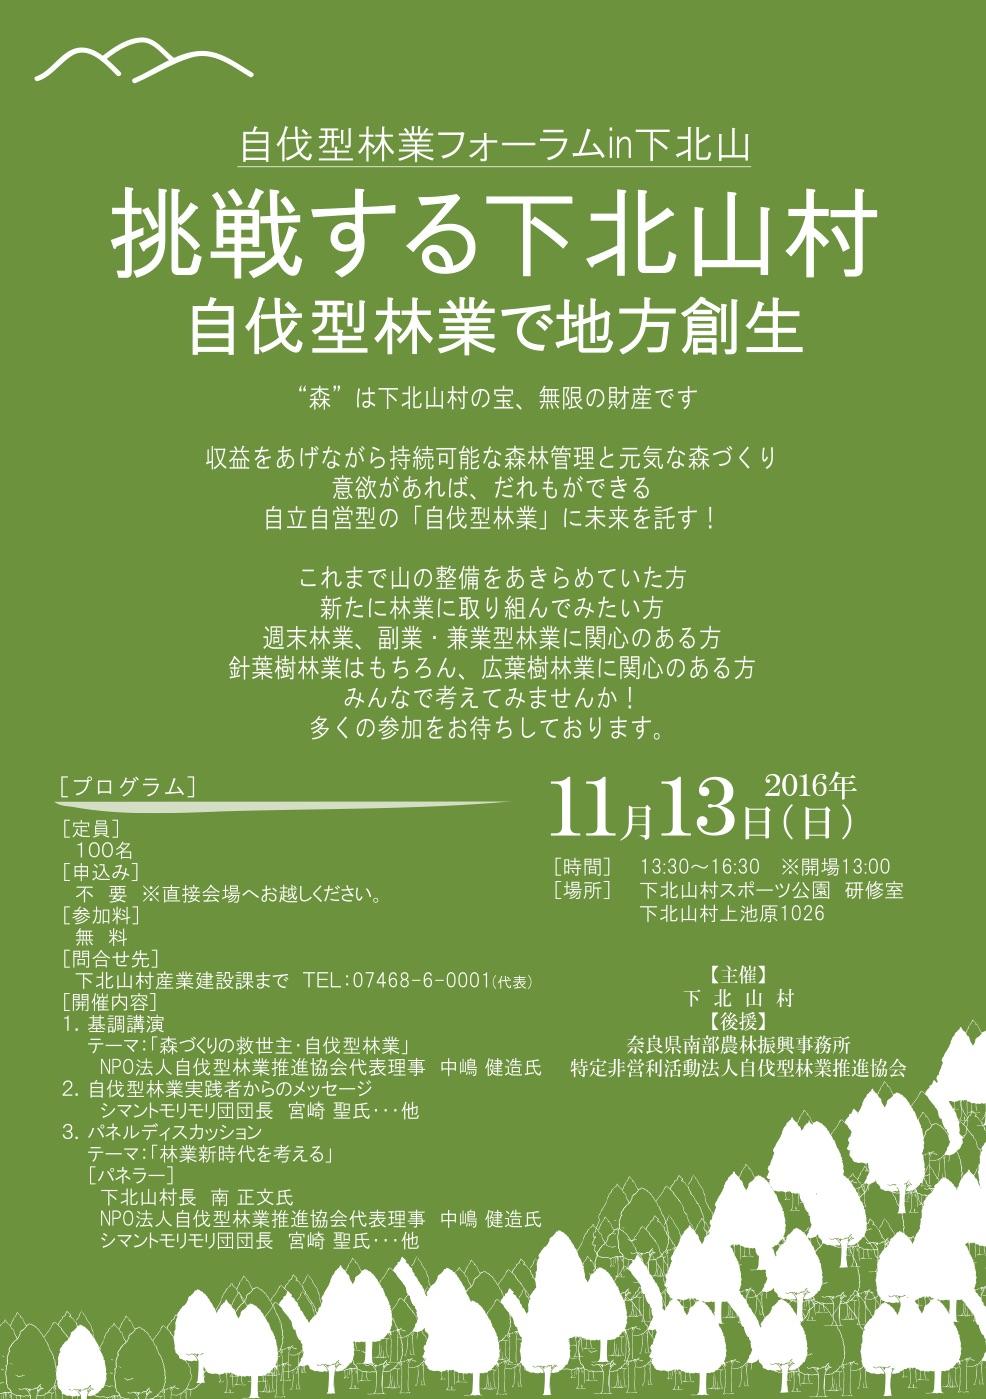 11月13日(日)開催!奈良県で「自伐型林業フォーラムin下北山村」